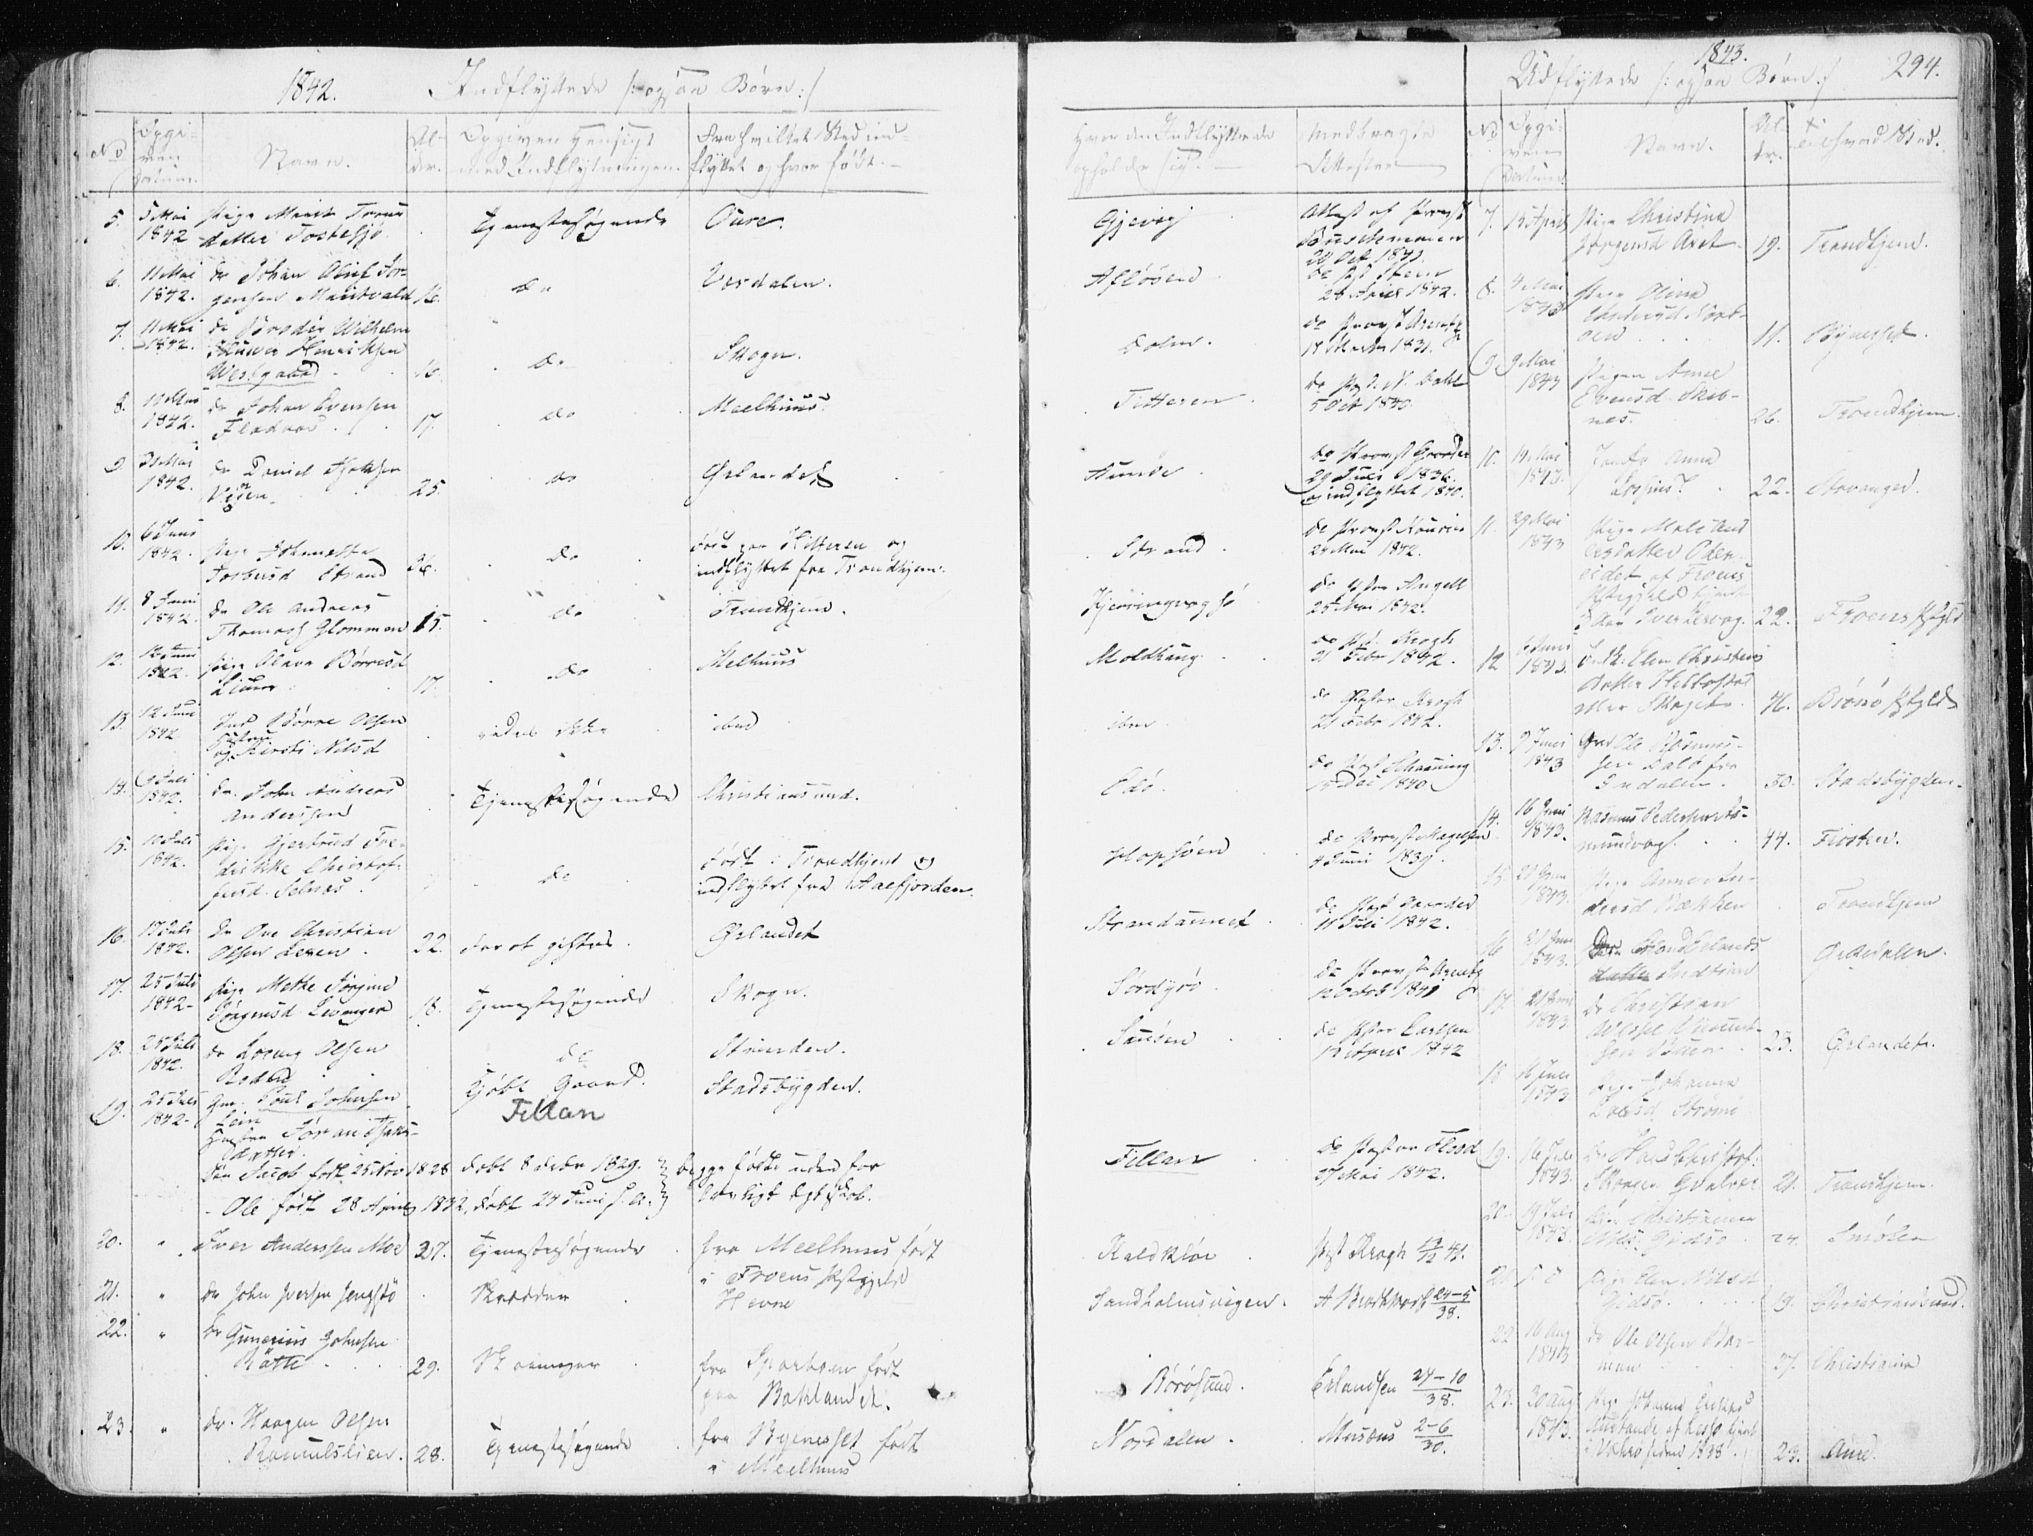 SAT, Ministerialprotokoller, klokkerbøker og fødselsregistre - Sør-Trøndelag, 634/L0528: Ministerialbok nr. 634A04, 1827-1842, s. 294